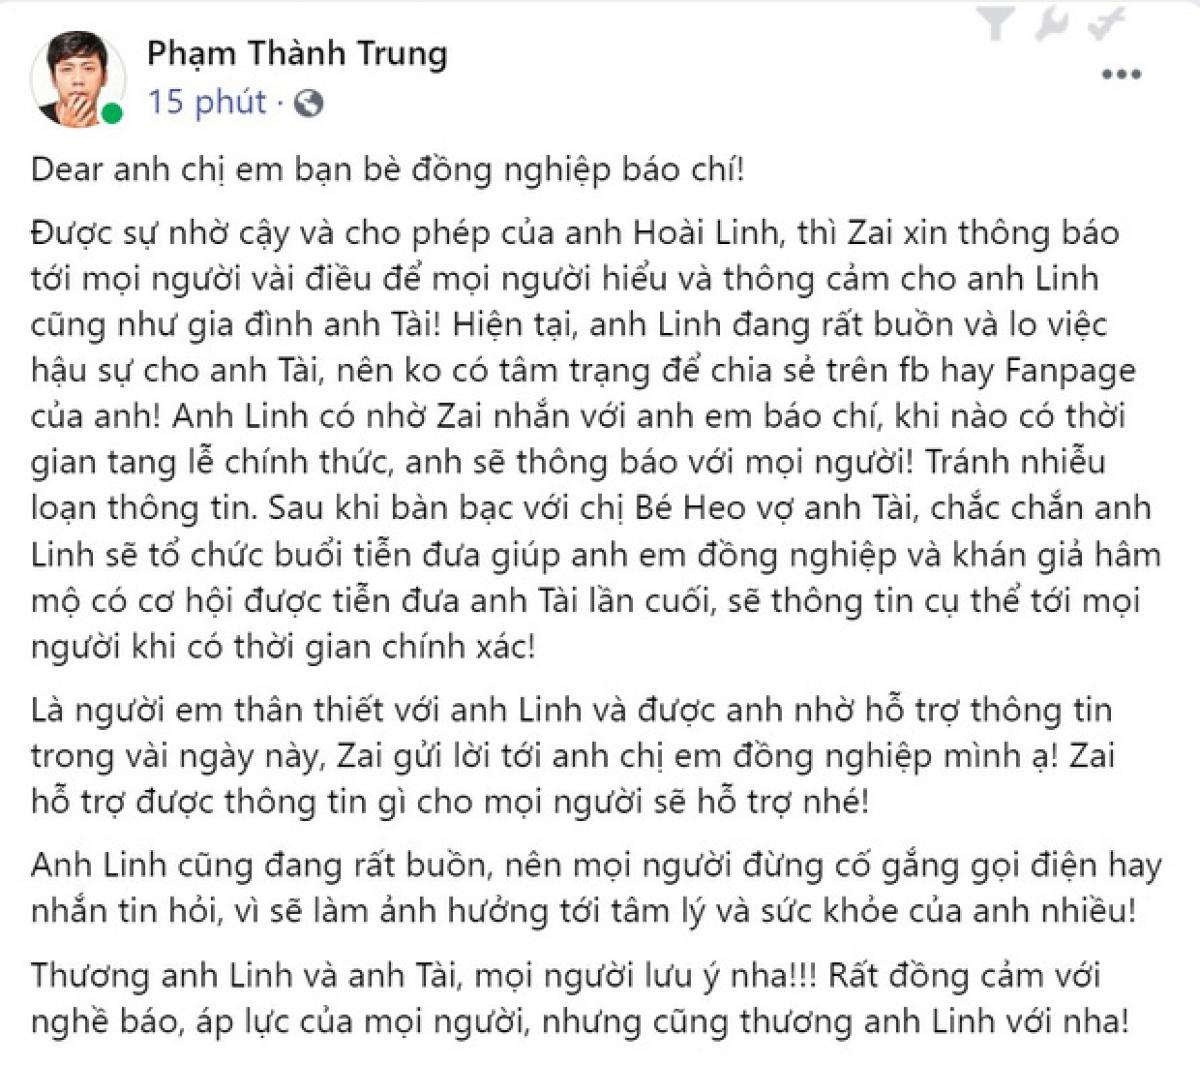 Nghệ sĩ Hoài Linh nhờ anh Phạm Thành Trung thông báo đến công chúng.